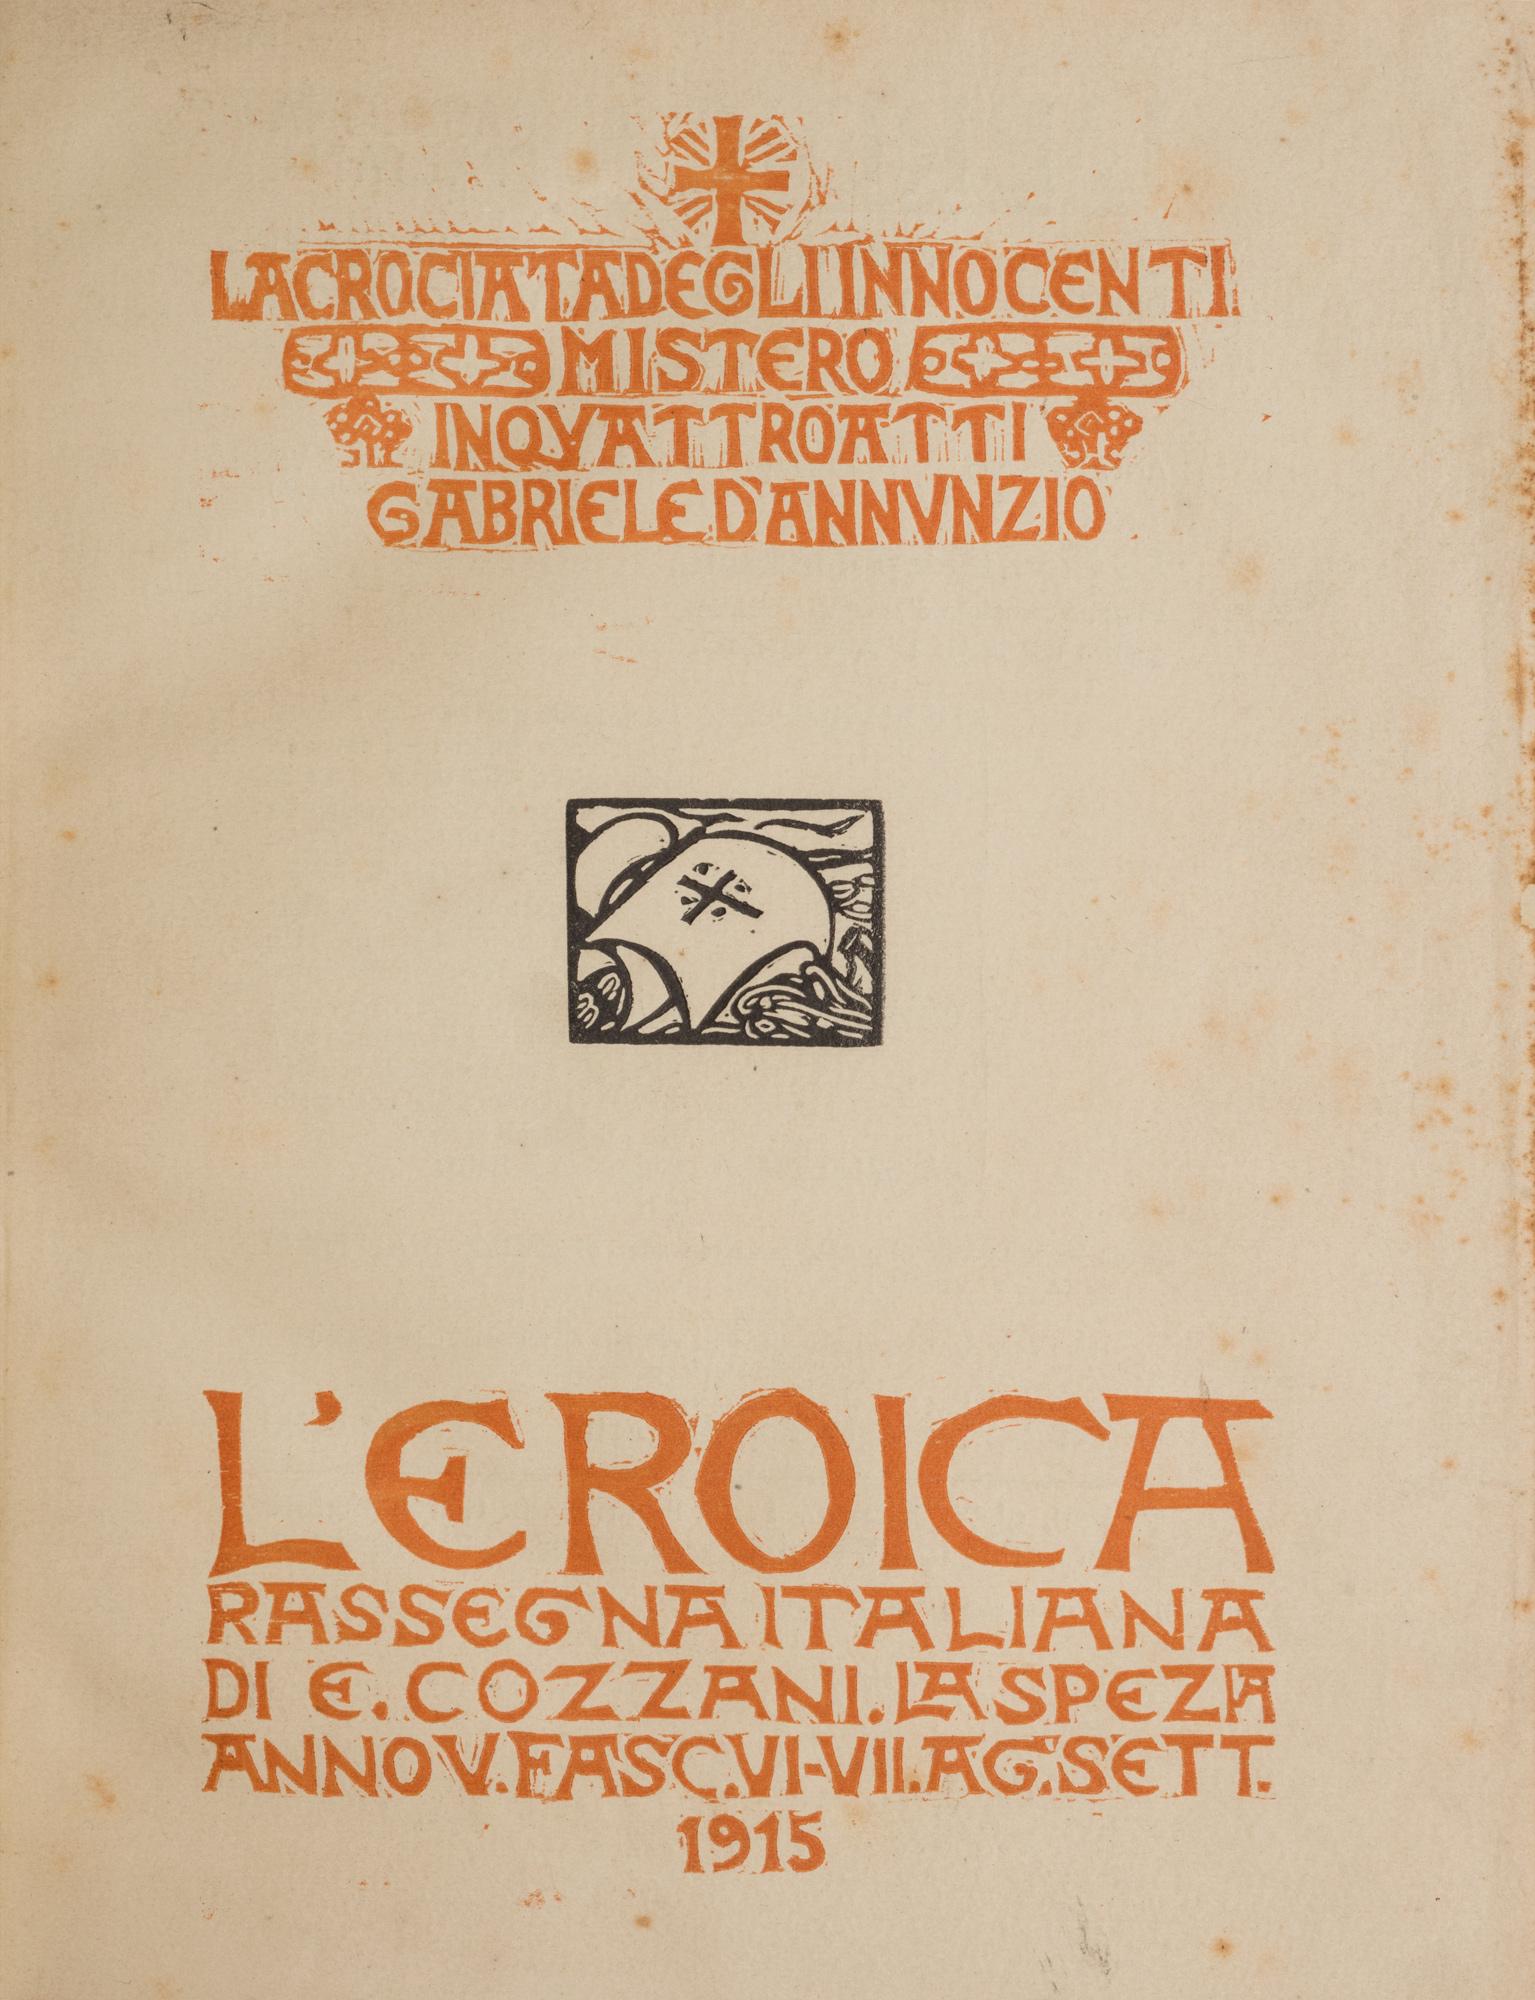 L'Eroica. Rassegna italiana di Ettore Cozzani. Fasc. VI-VII.-